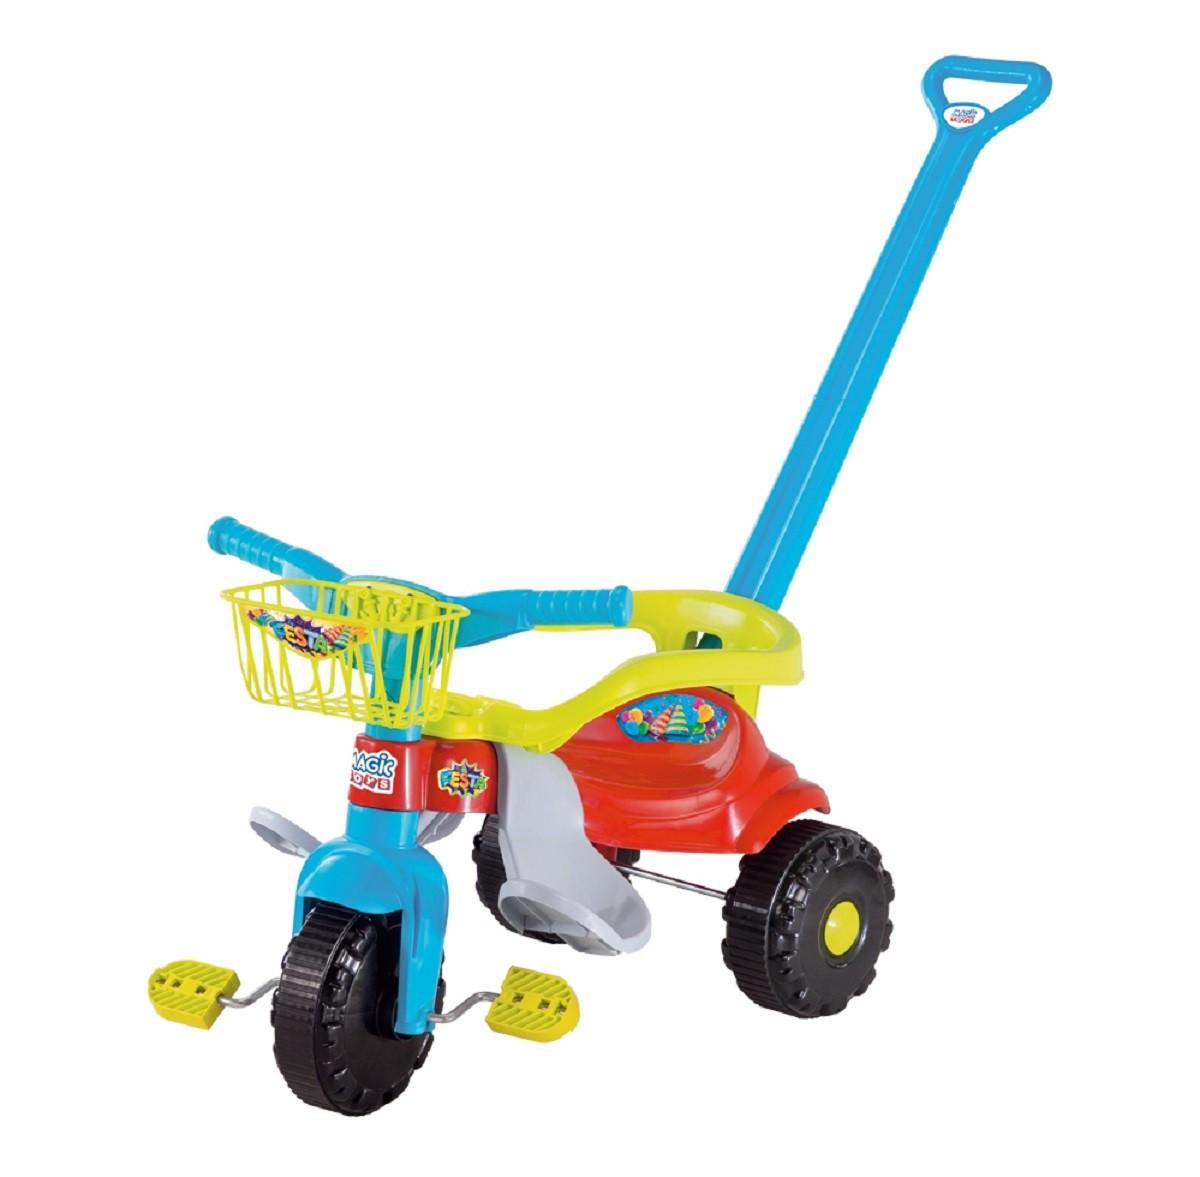 Triciclo Tico Tico Festa Azul Com Aro Magic Toys 2561L